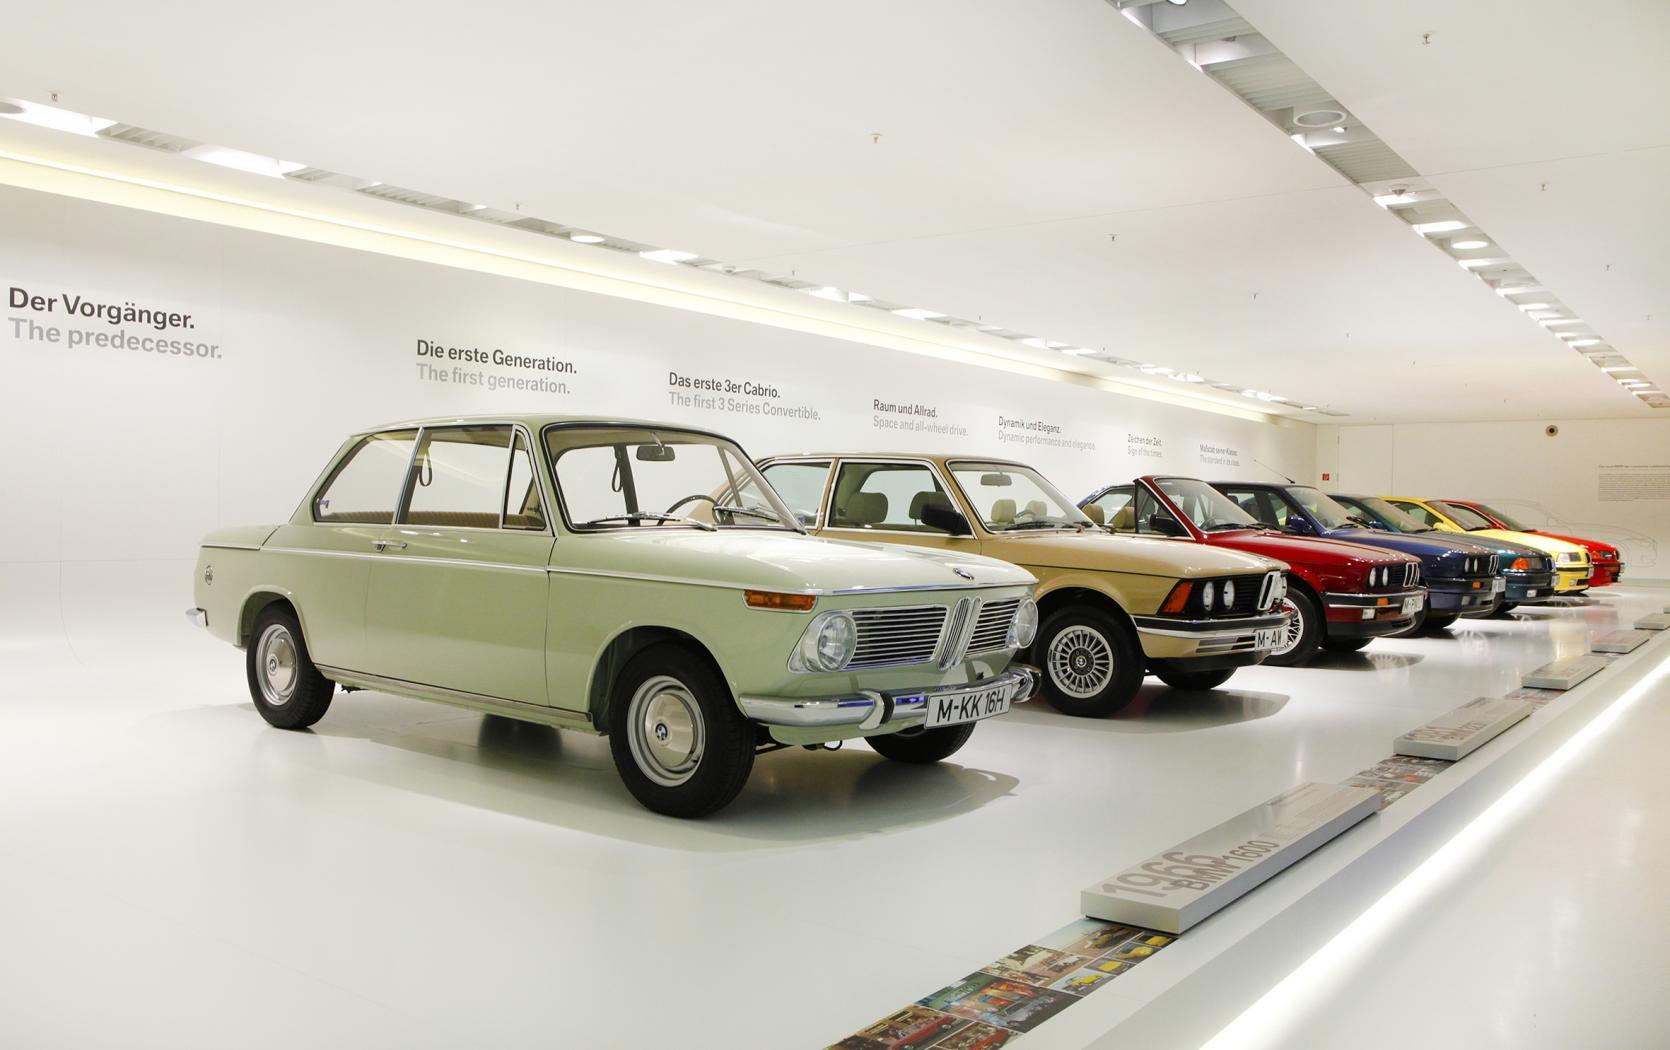 Nouvelle-gamme-de-voitures-BMW.jpeg